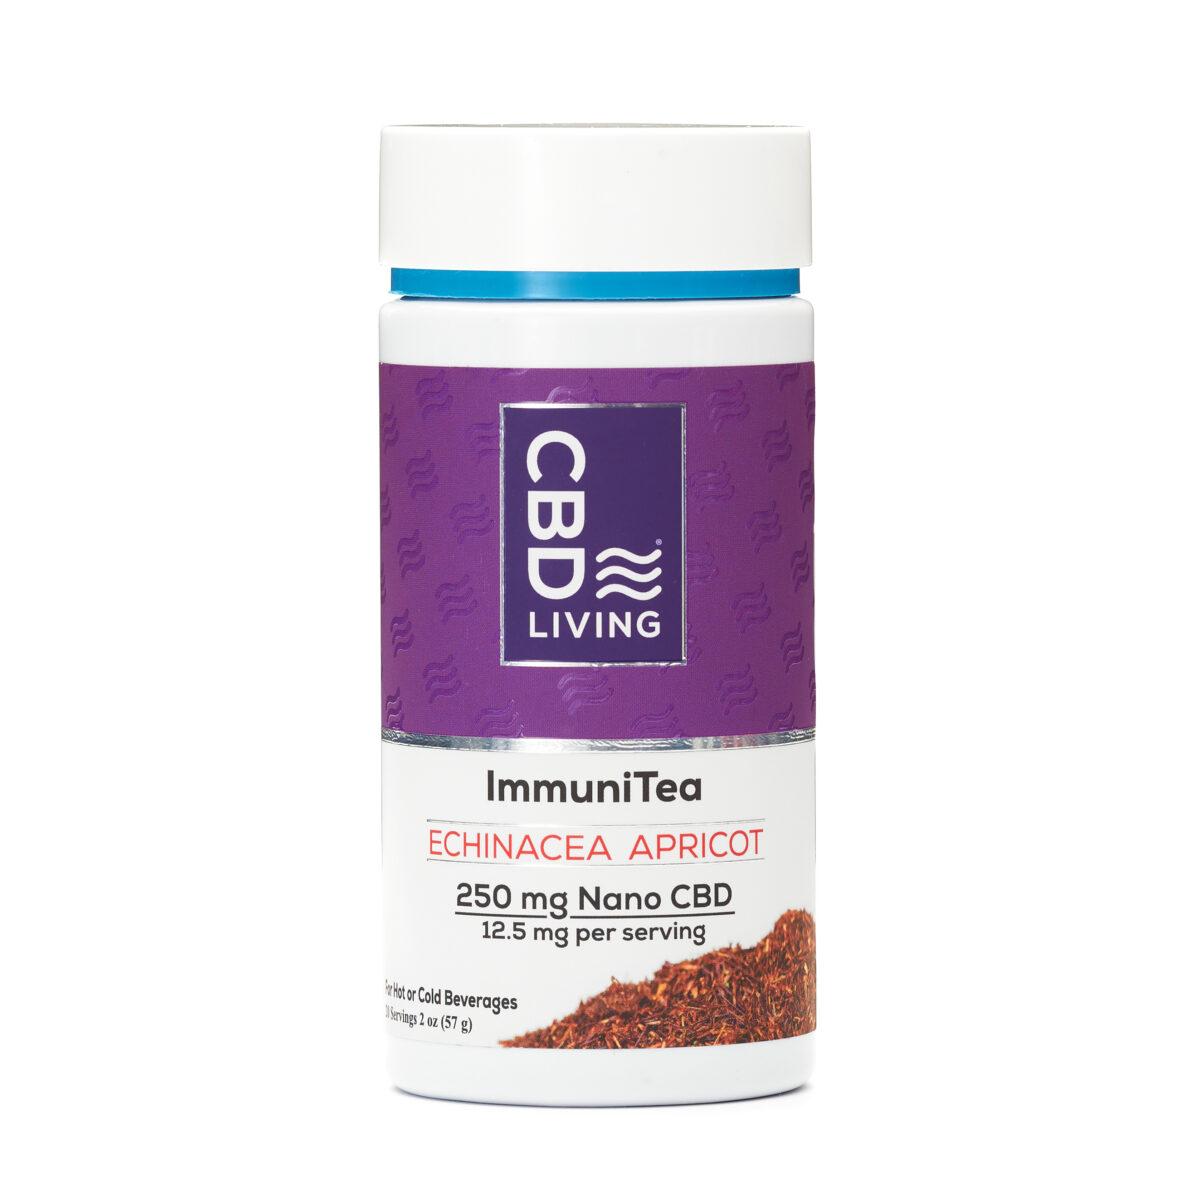 CBD Чай для Иммунитета 57г., КБД Чай 12.5мг CBD в порции, Вкус Абрикос-Эхинацея, Echinacea Apricot 250 mg CBD Living, США